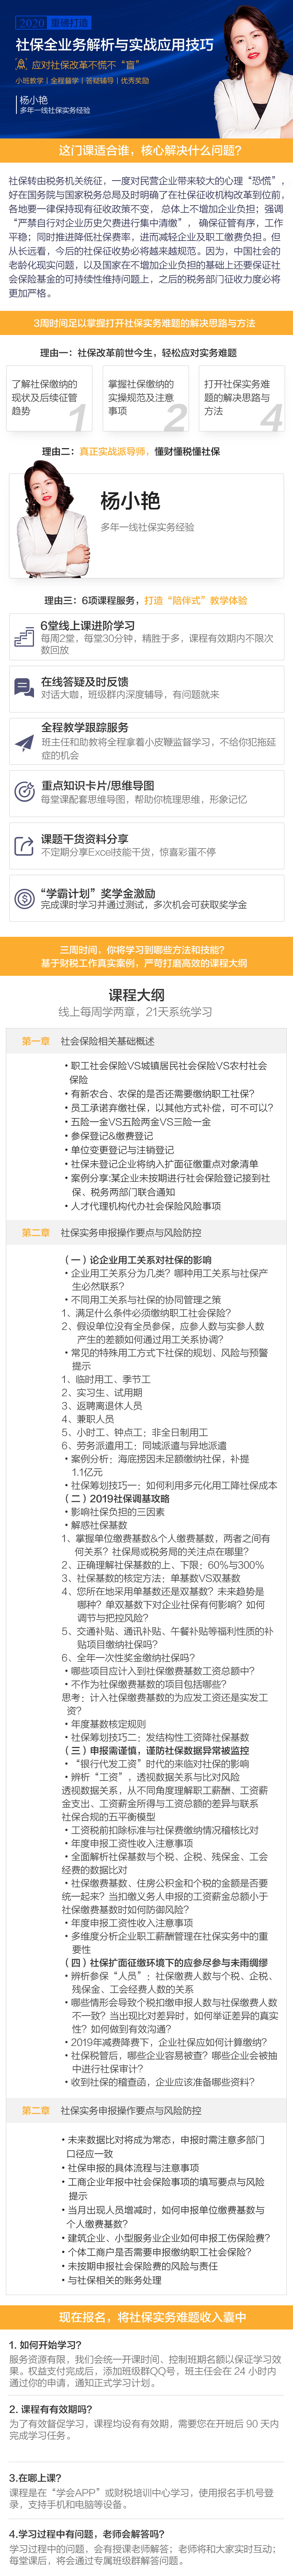 【课程详情页】社保实务研修班设计1.3.1-内容支撑团队.jpg